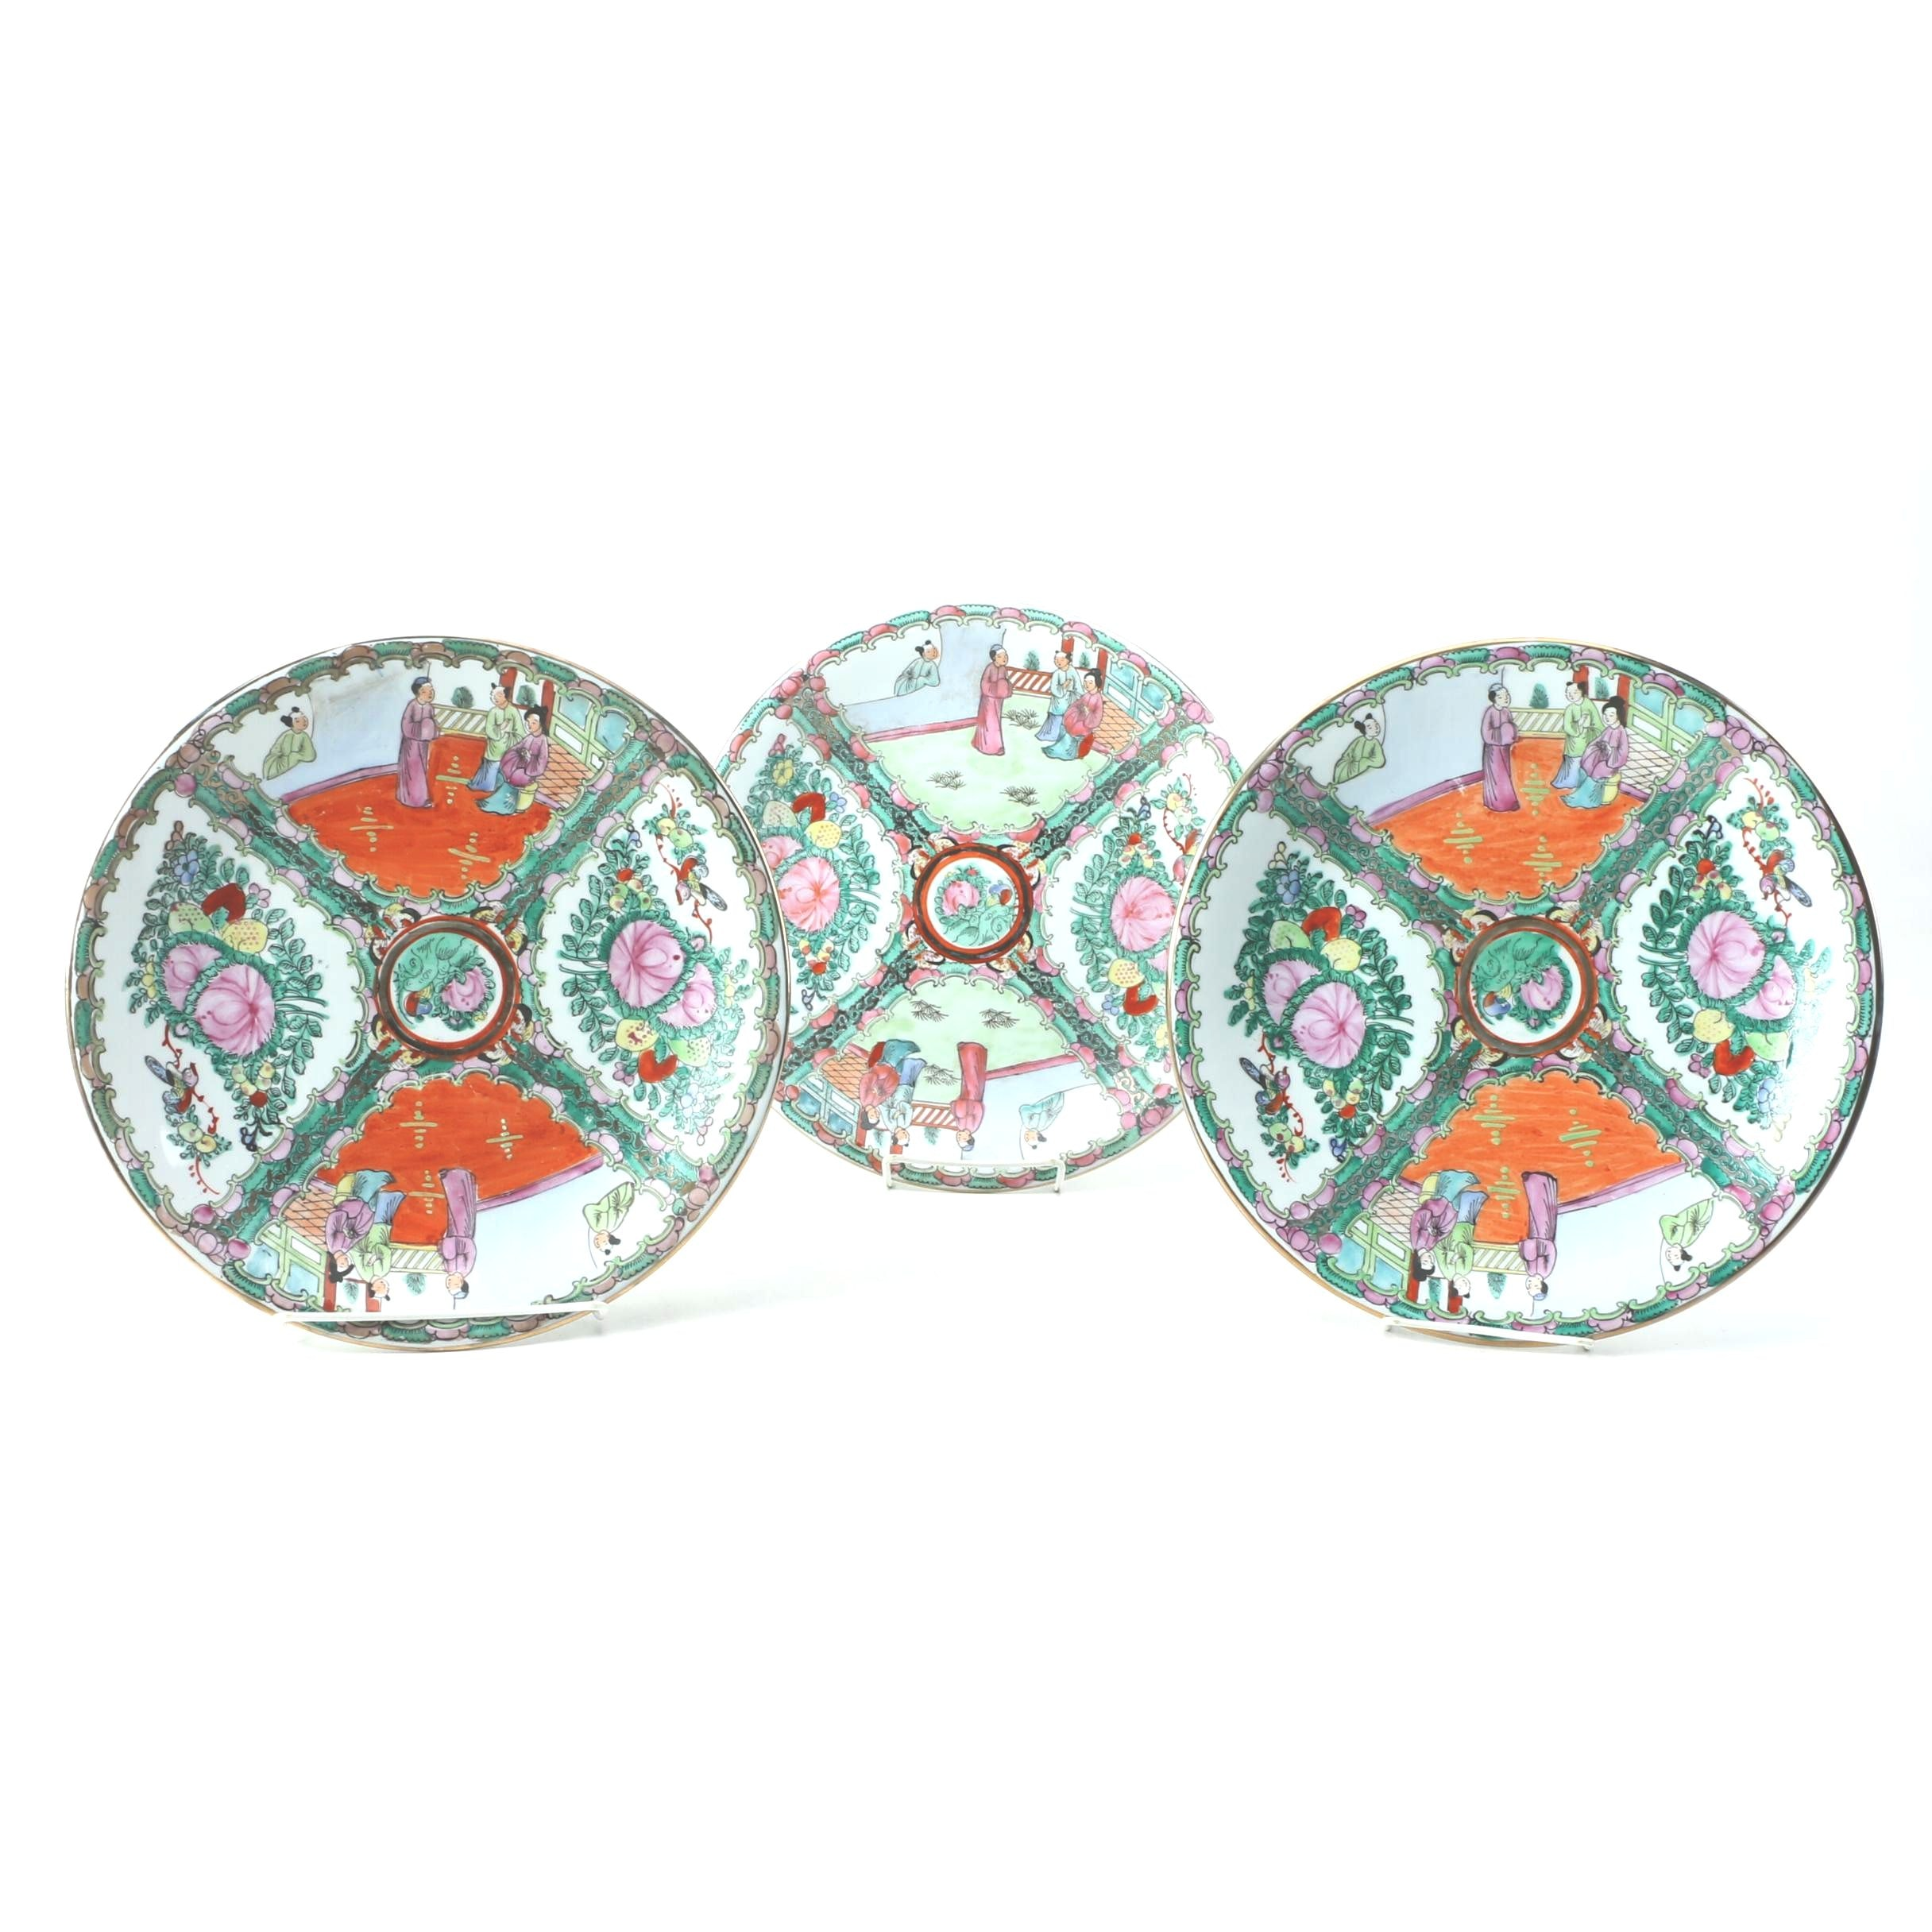 Vintage Chinese Rose Medallion Porcelain Platters